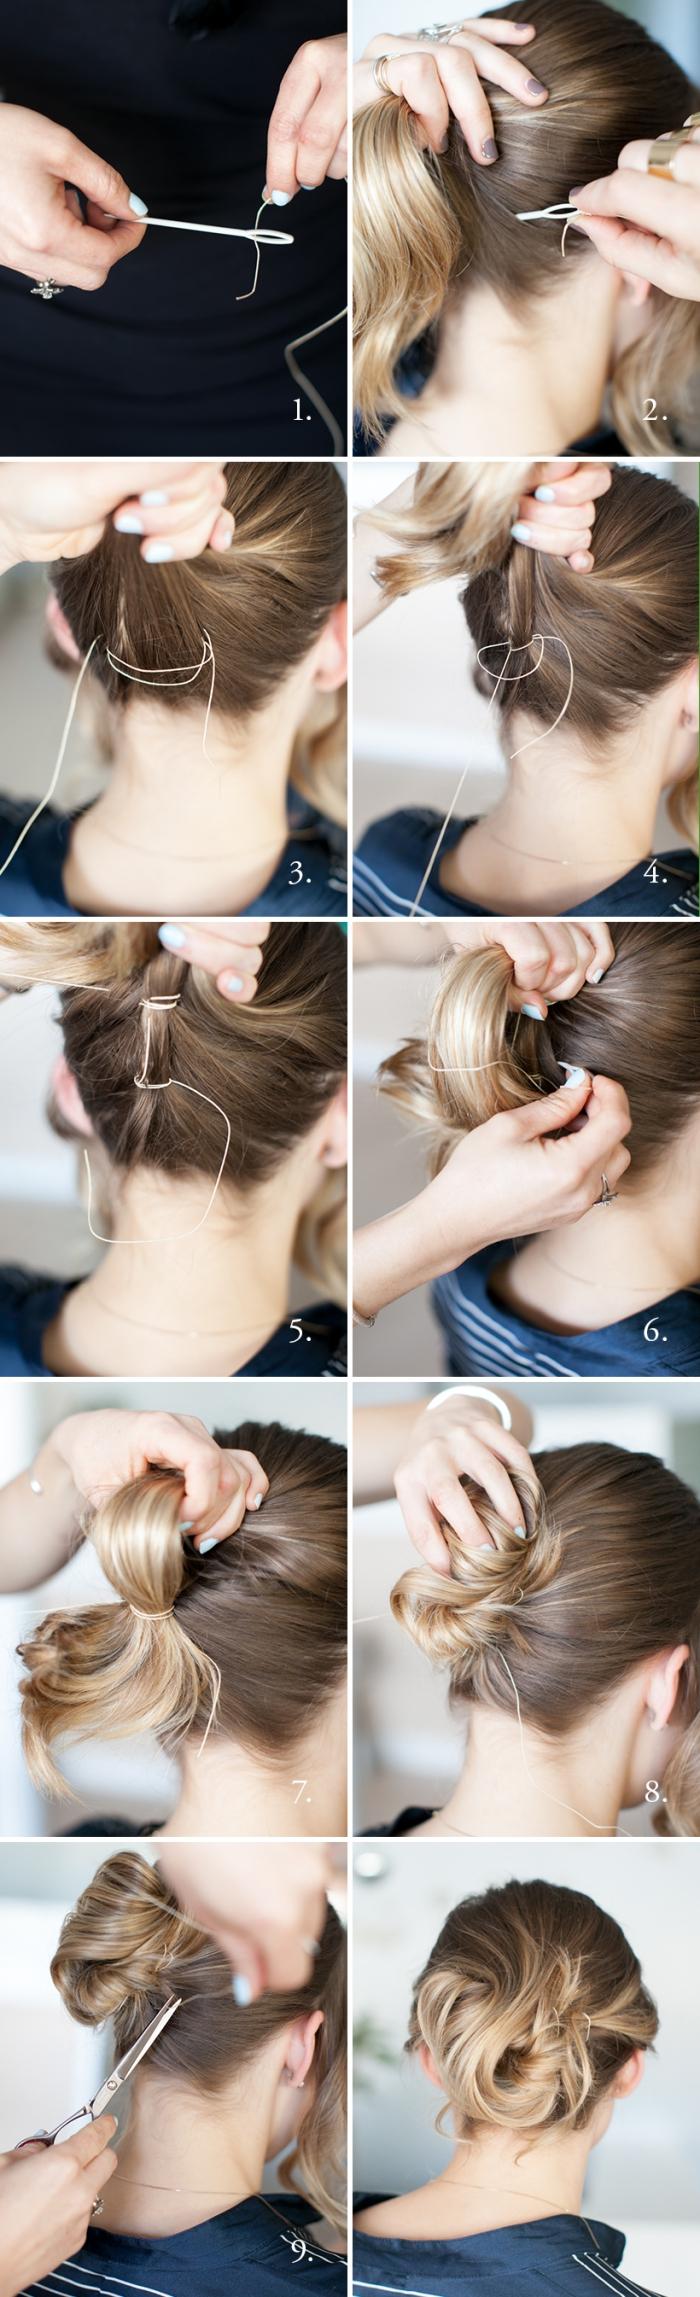 peinados de novia para cabello corto y media melena, tutoriales de peinados hermosos y originales